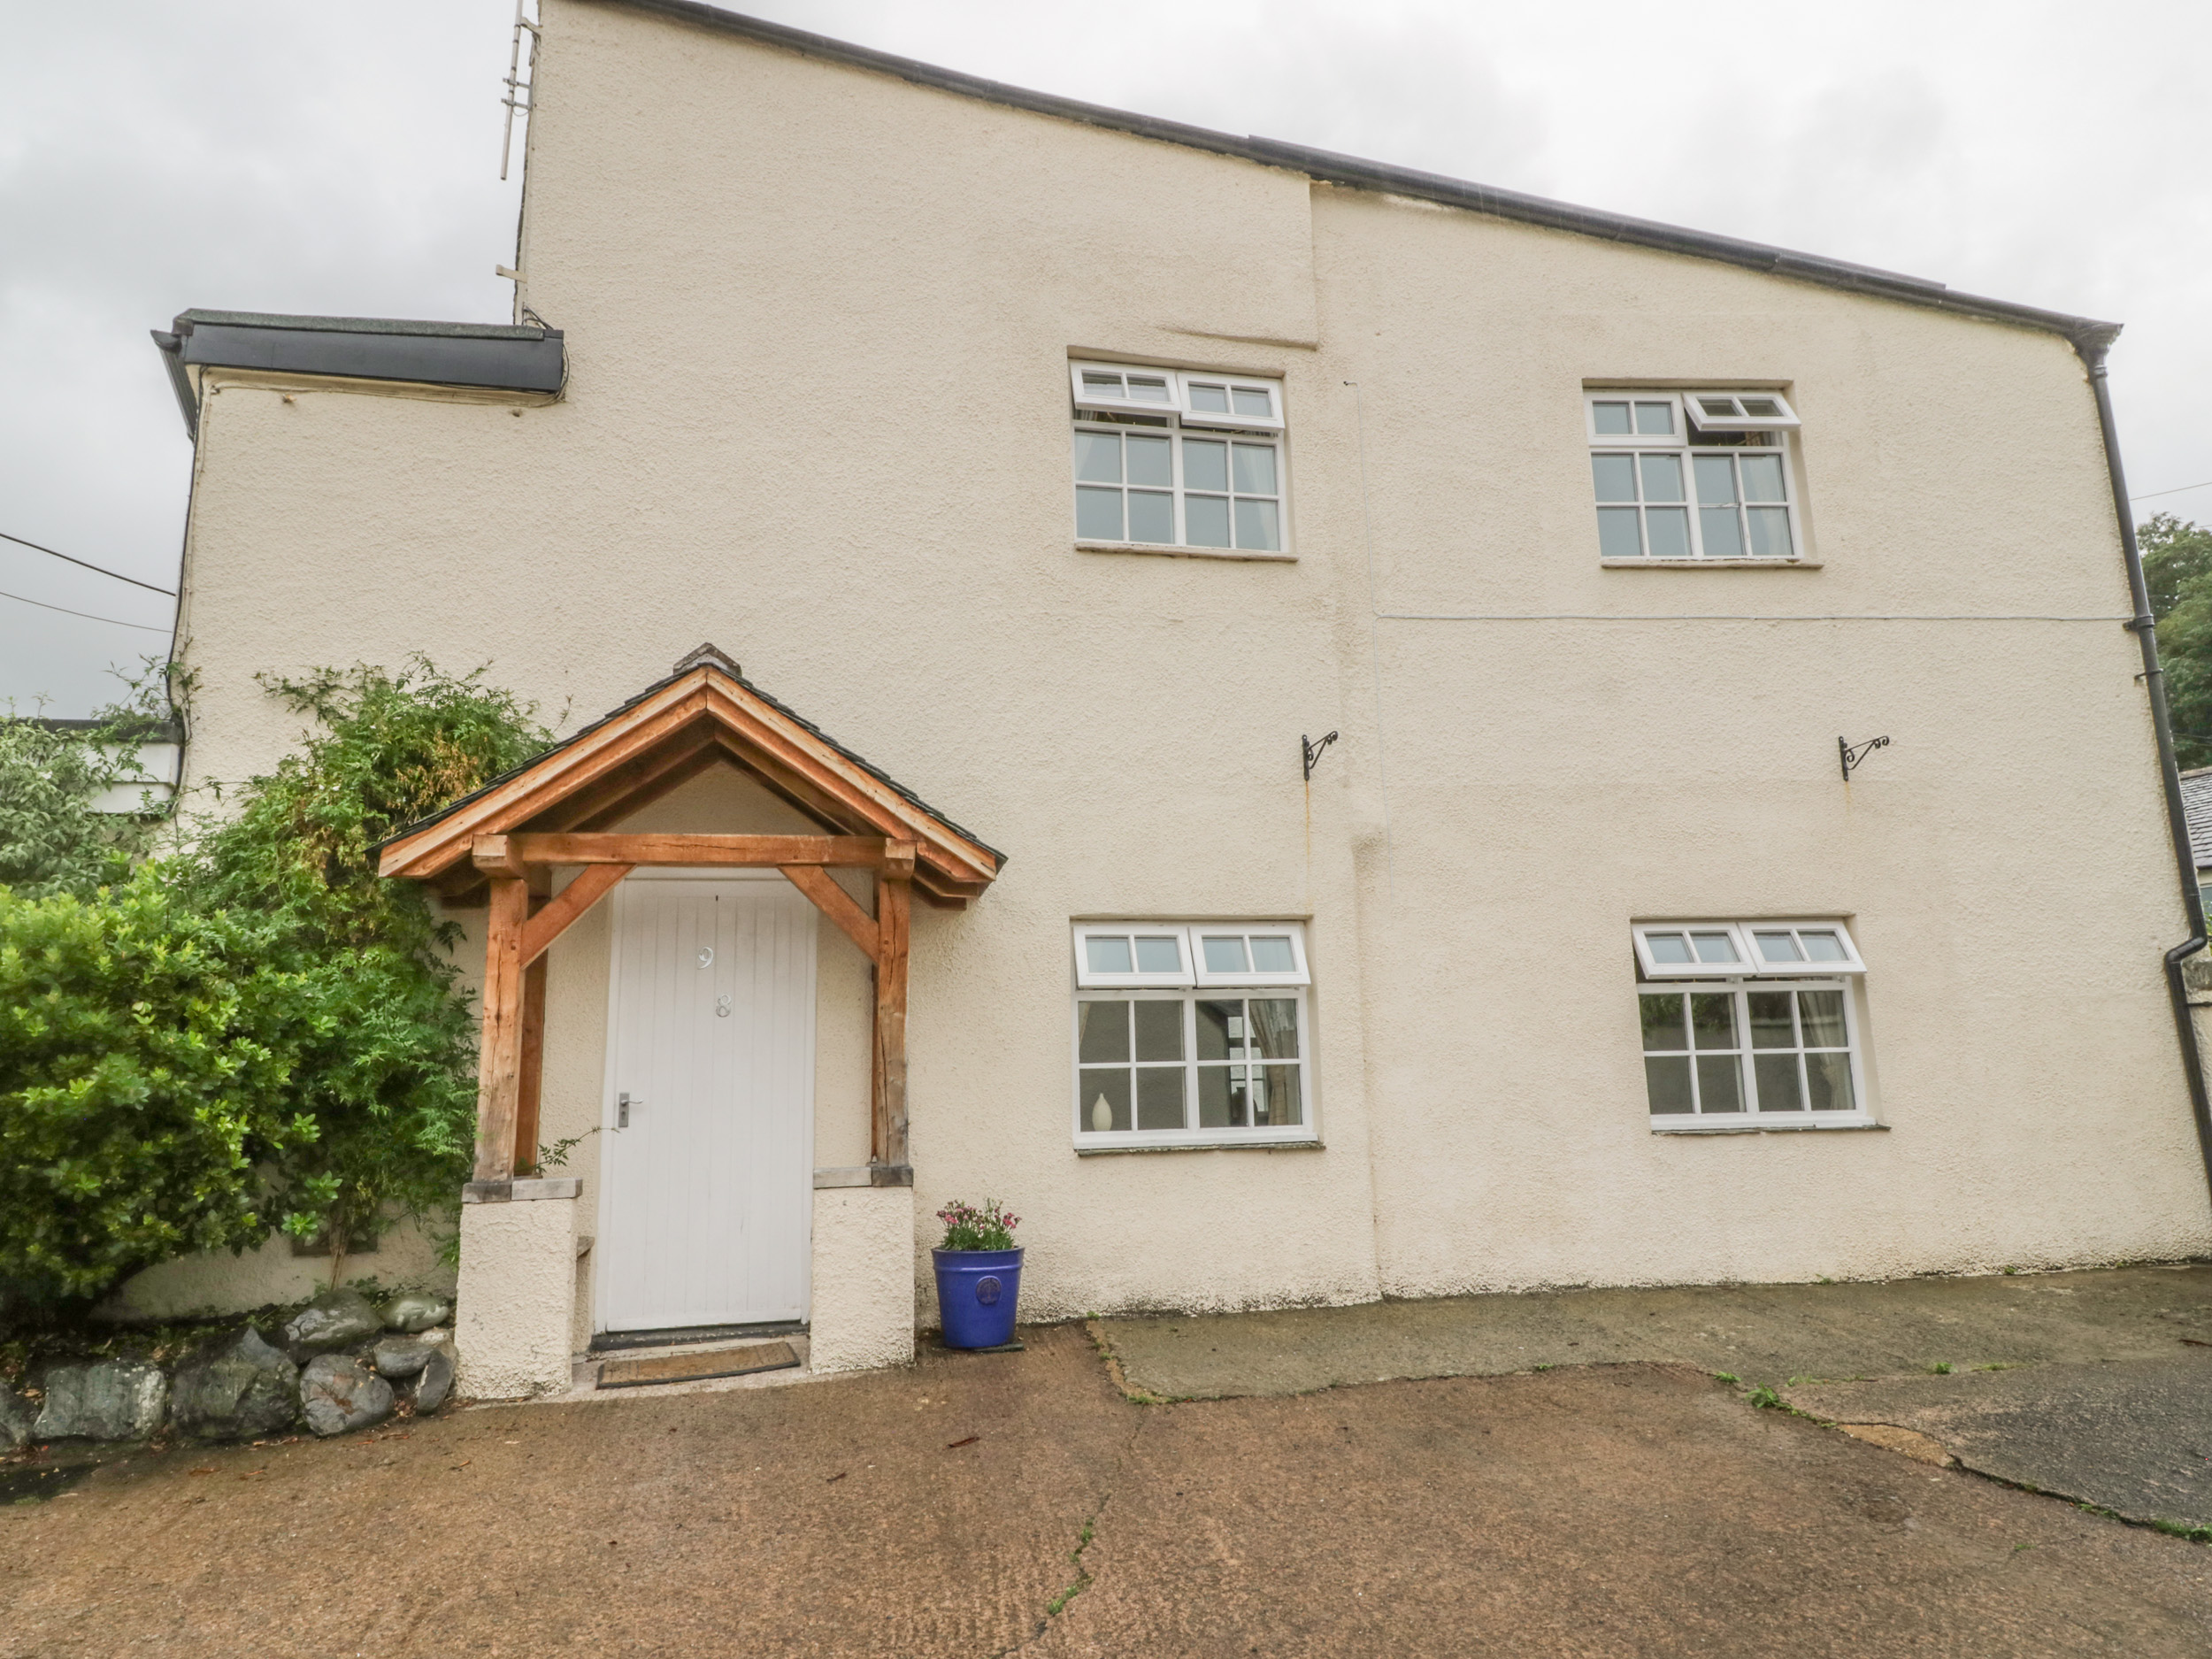 1 bedroom Cottage for rent in Braithwaite